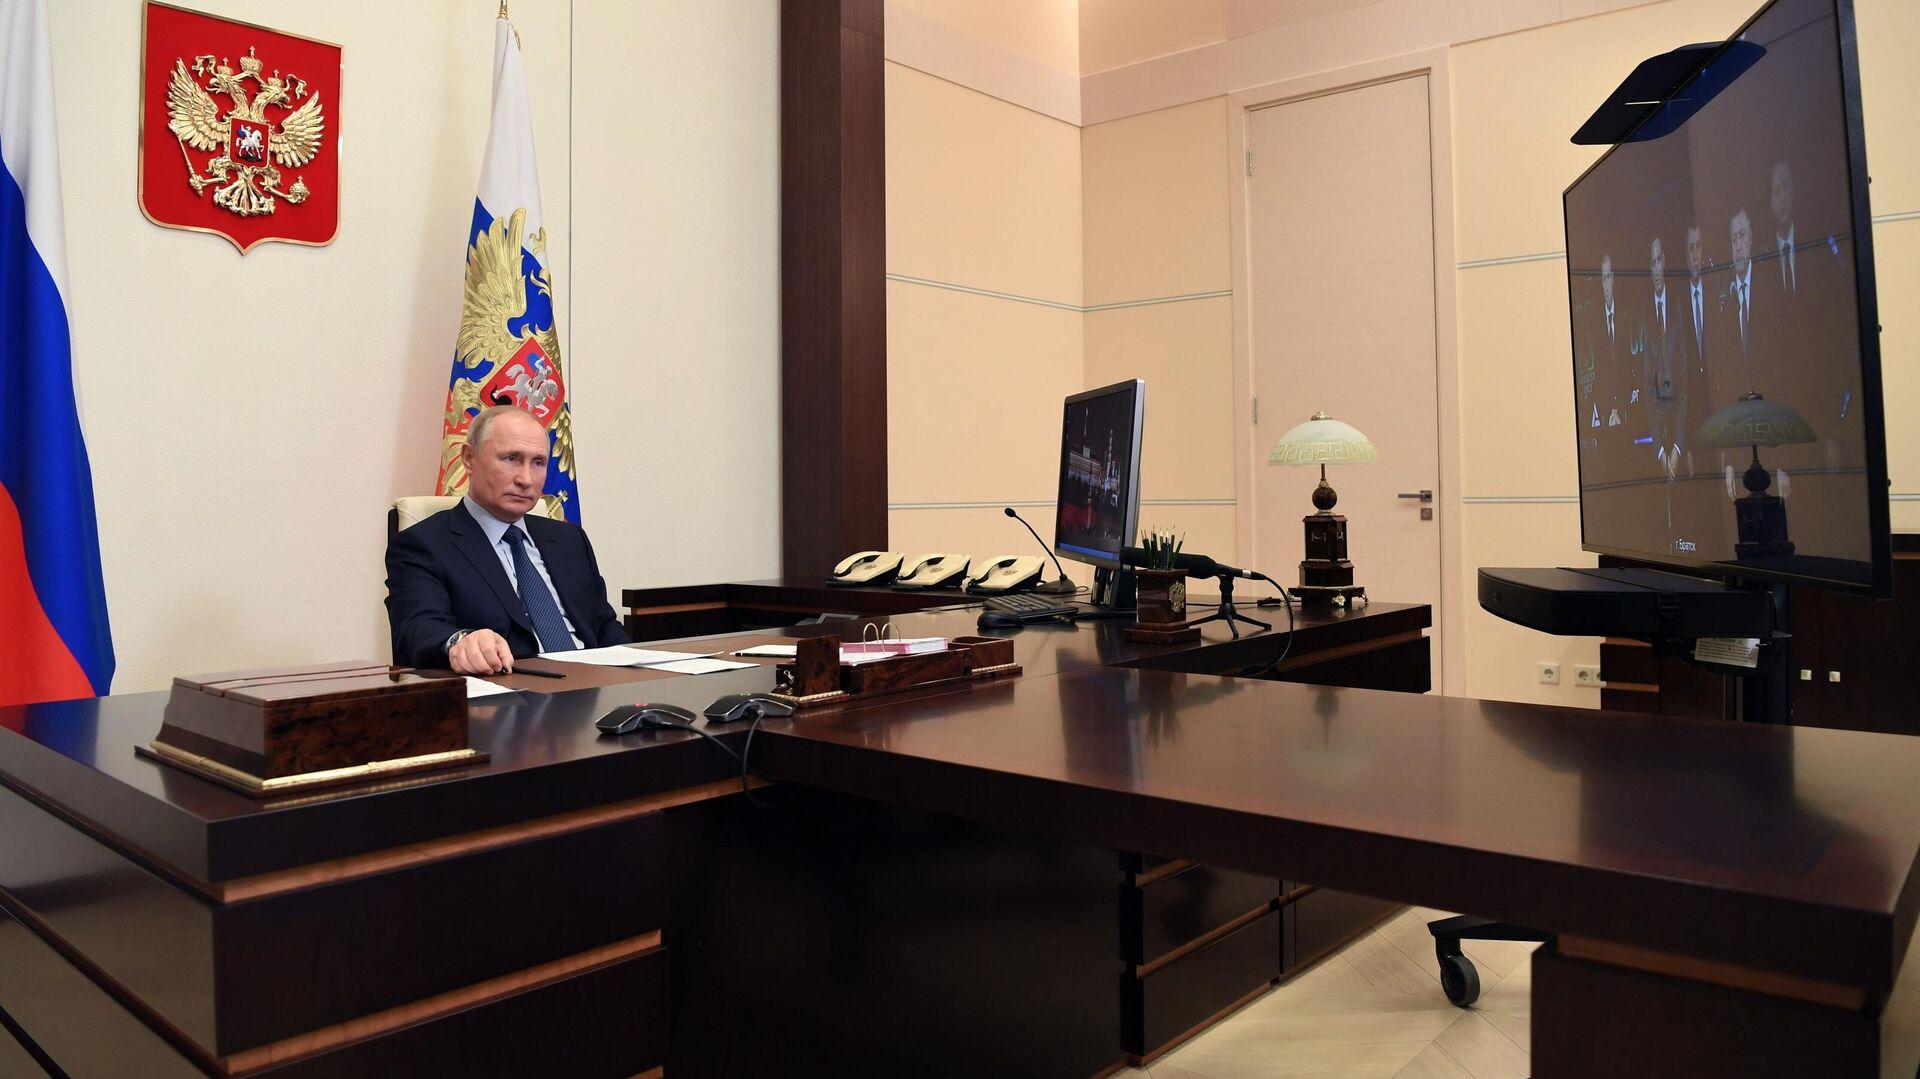 Путин примет участие в конференции Совбеза ООН по морской безопасности